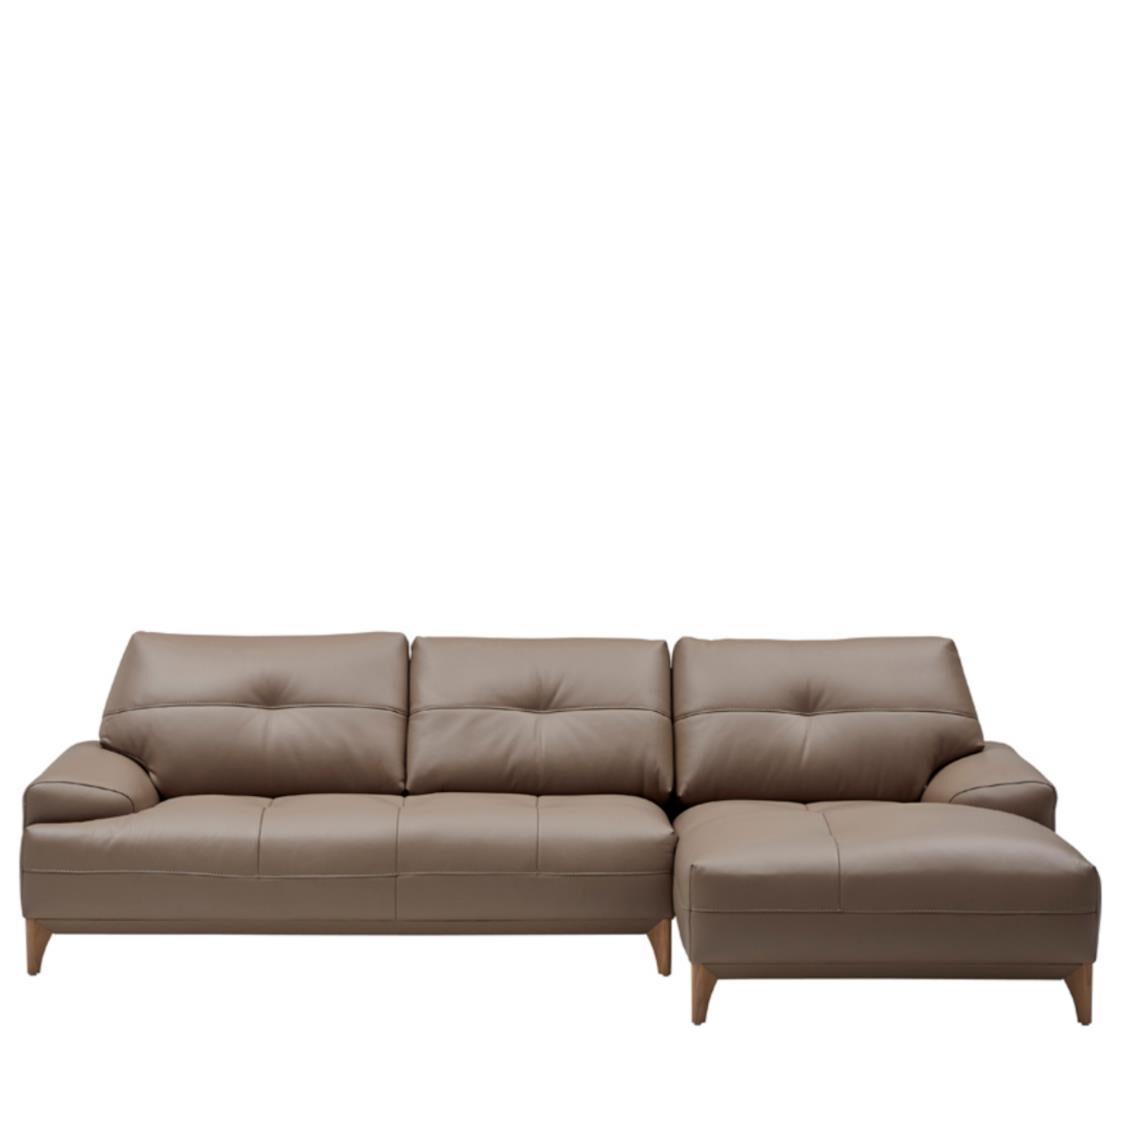 Iloom Boston Leather Couch R L392 Cocoa